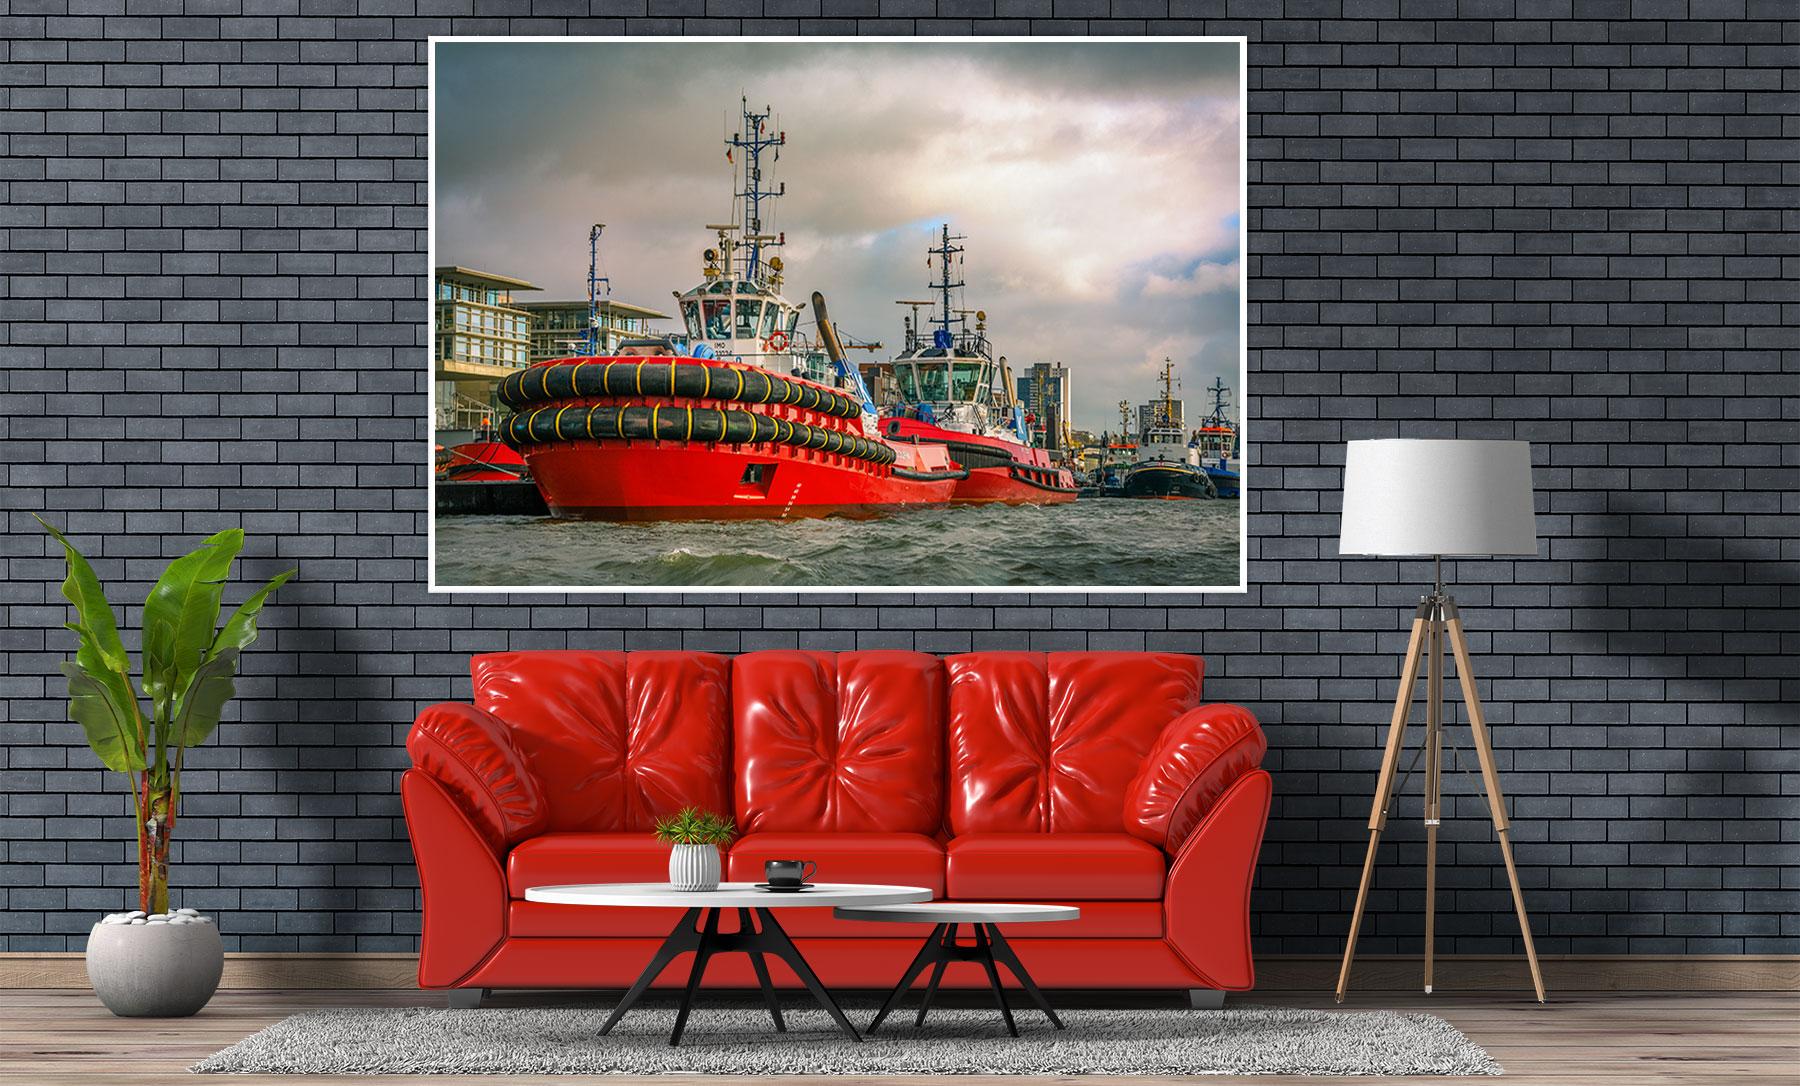 Heimathafen Aktuell Onlinestore, Hamburgbilder: Kategorie Schlepper, Hafenschlepper, Tugboats